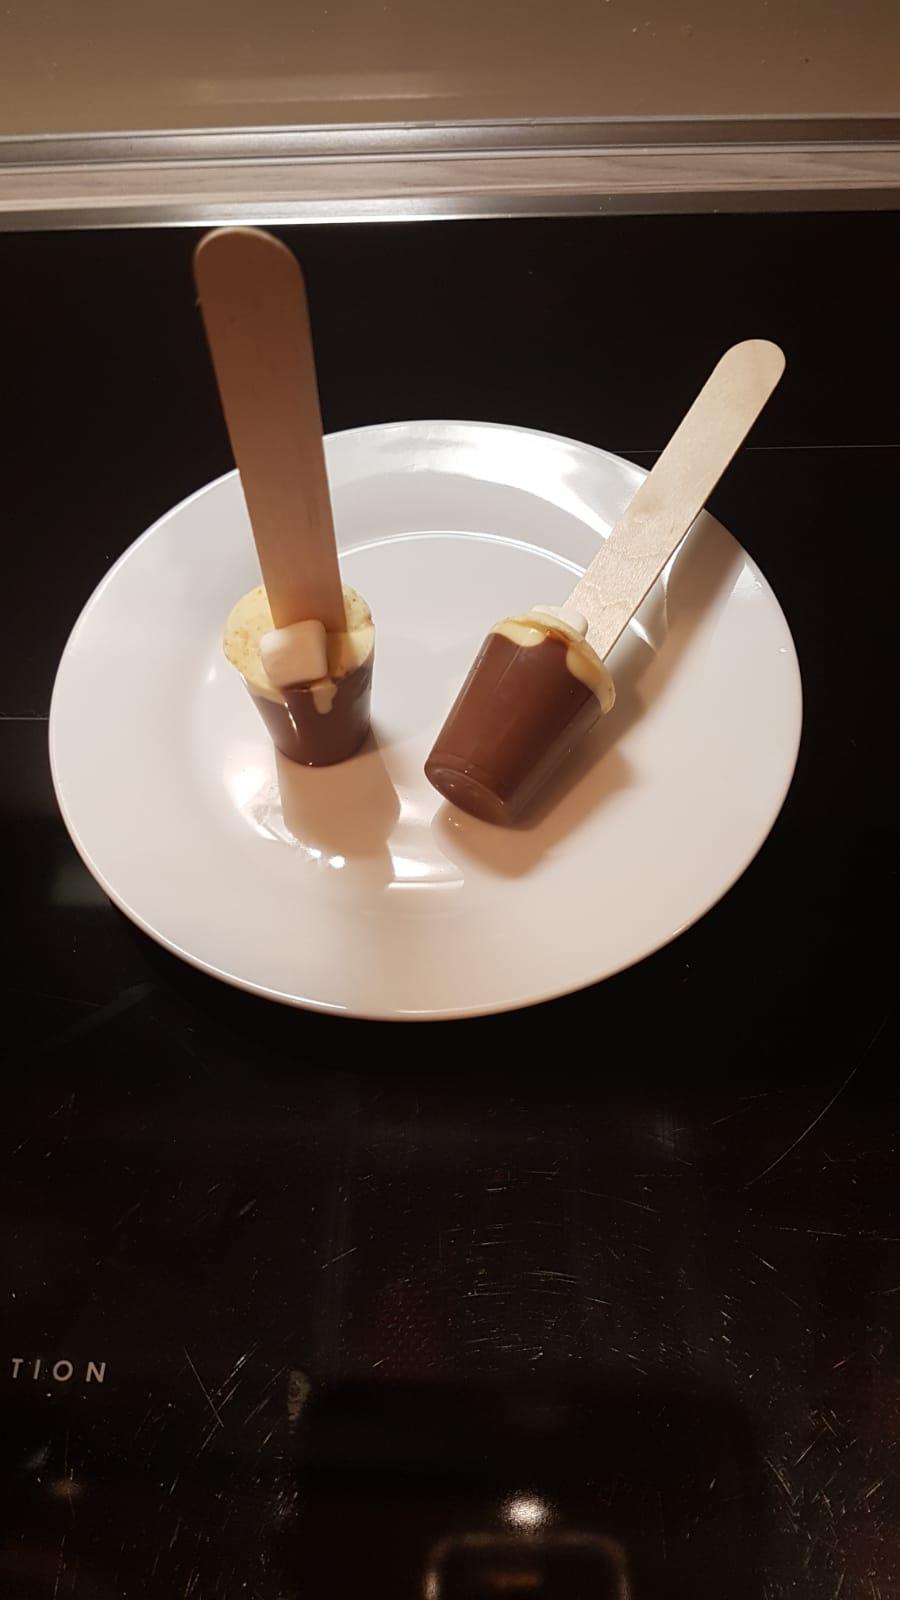 Geschmolzene Schokolade - Deutsches Ferninstitut für Bildung, Pädagogik und Sozialmanagement GmbH